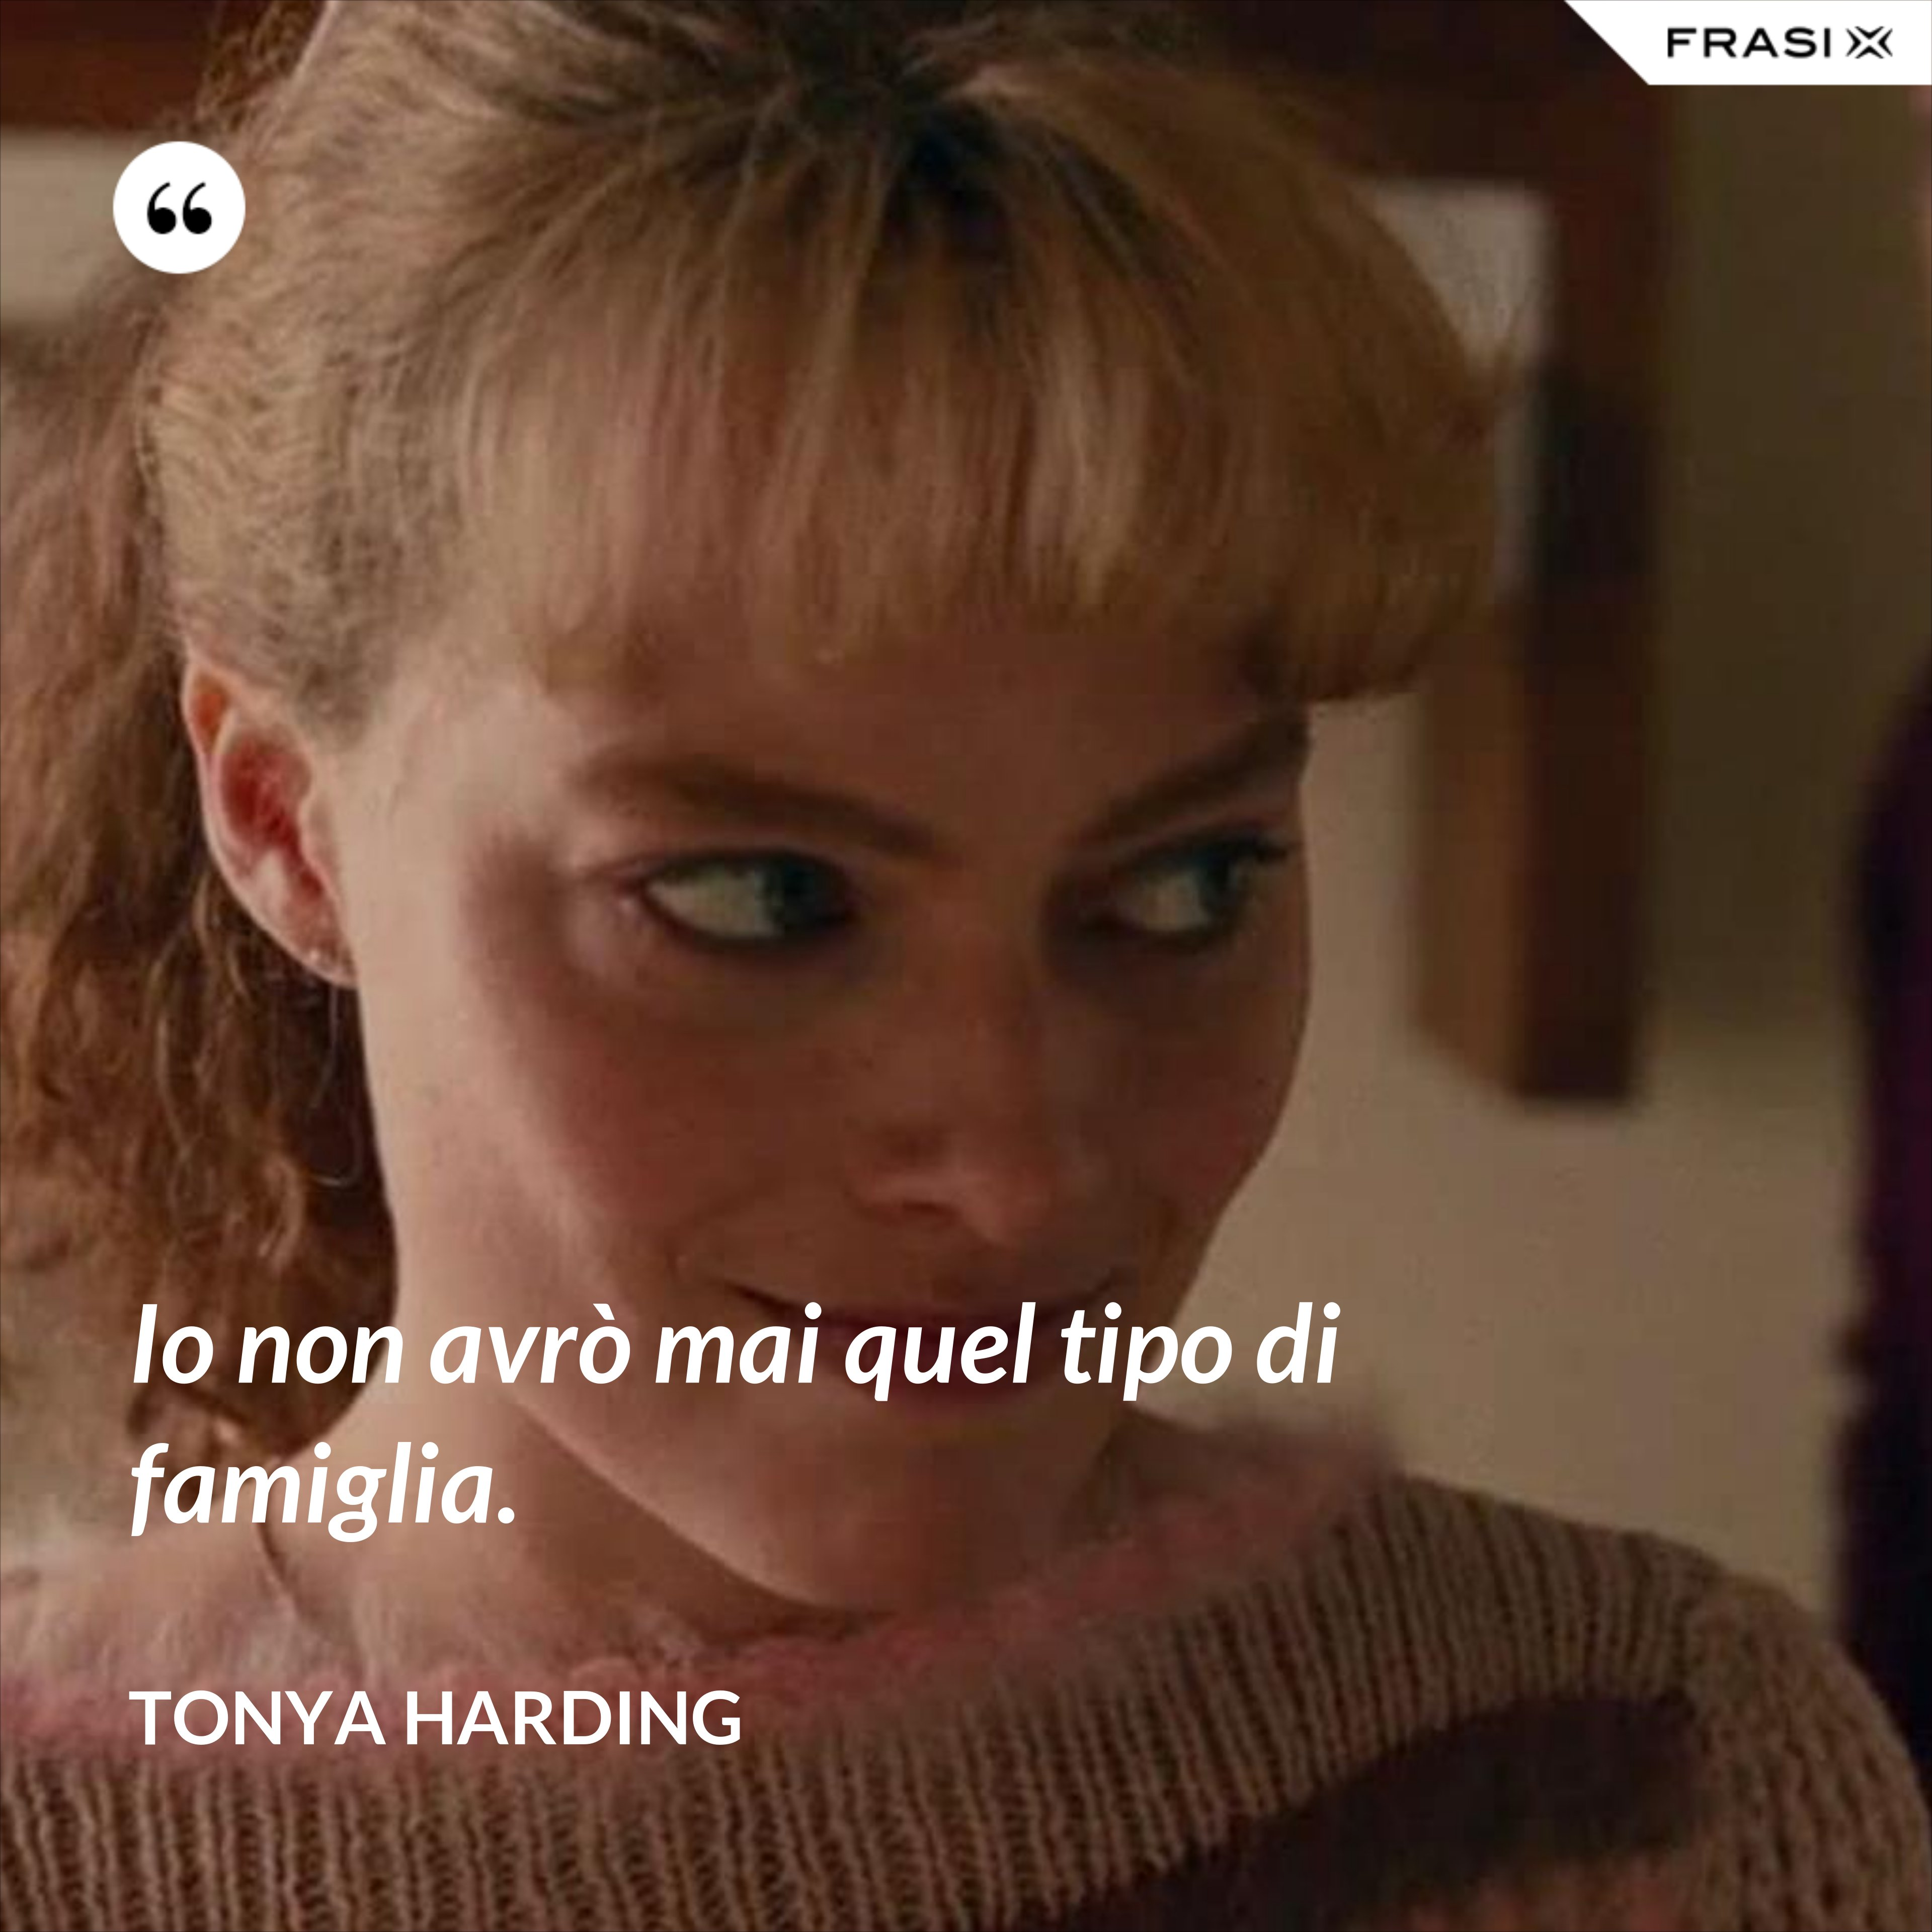 Io non avrò mai quel tipo di famiglia. - Tonya Harding